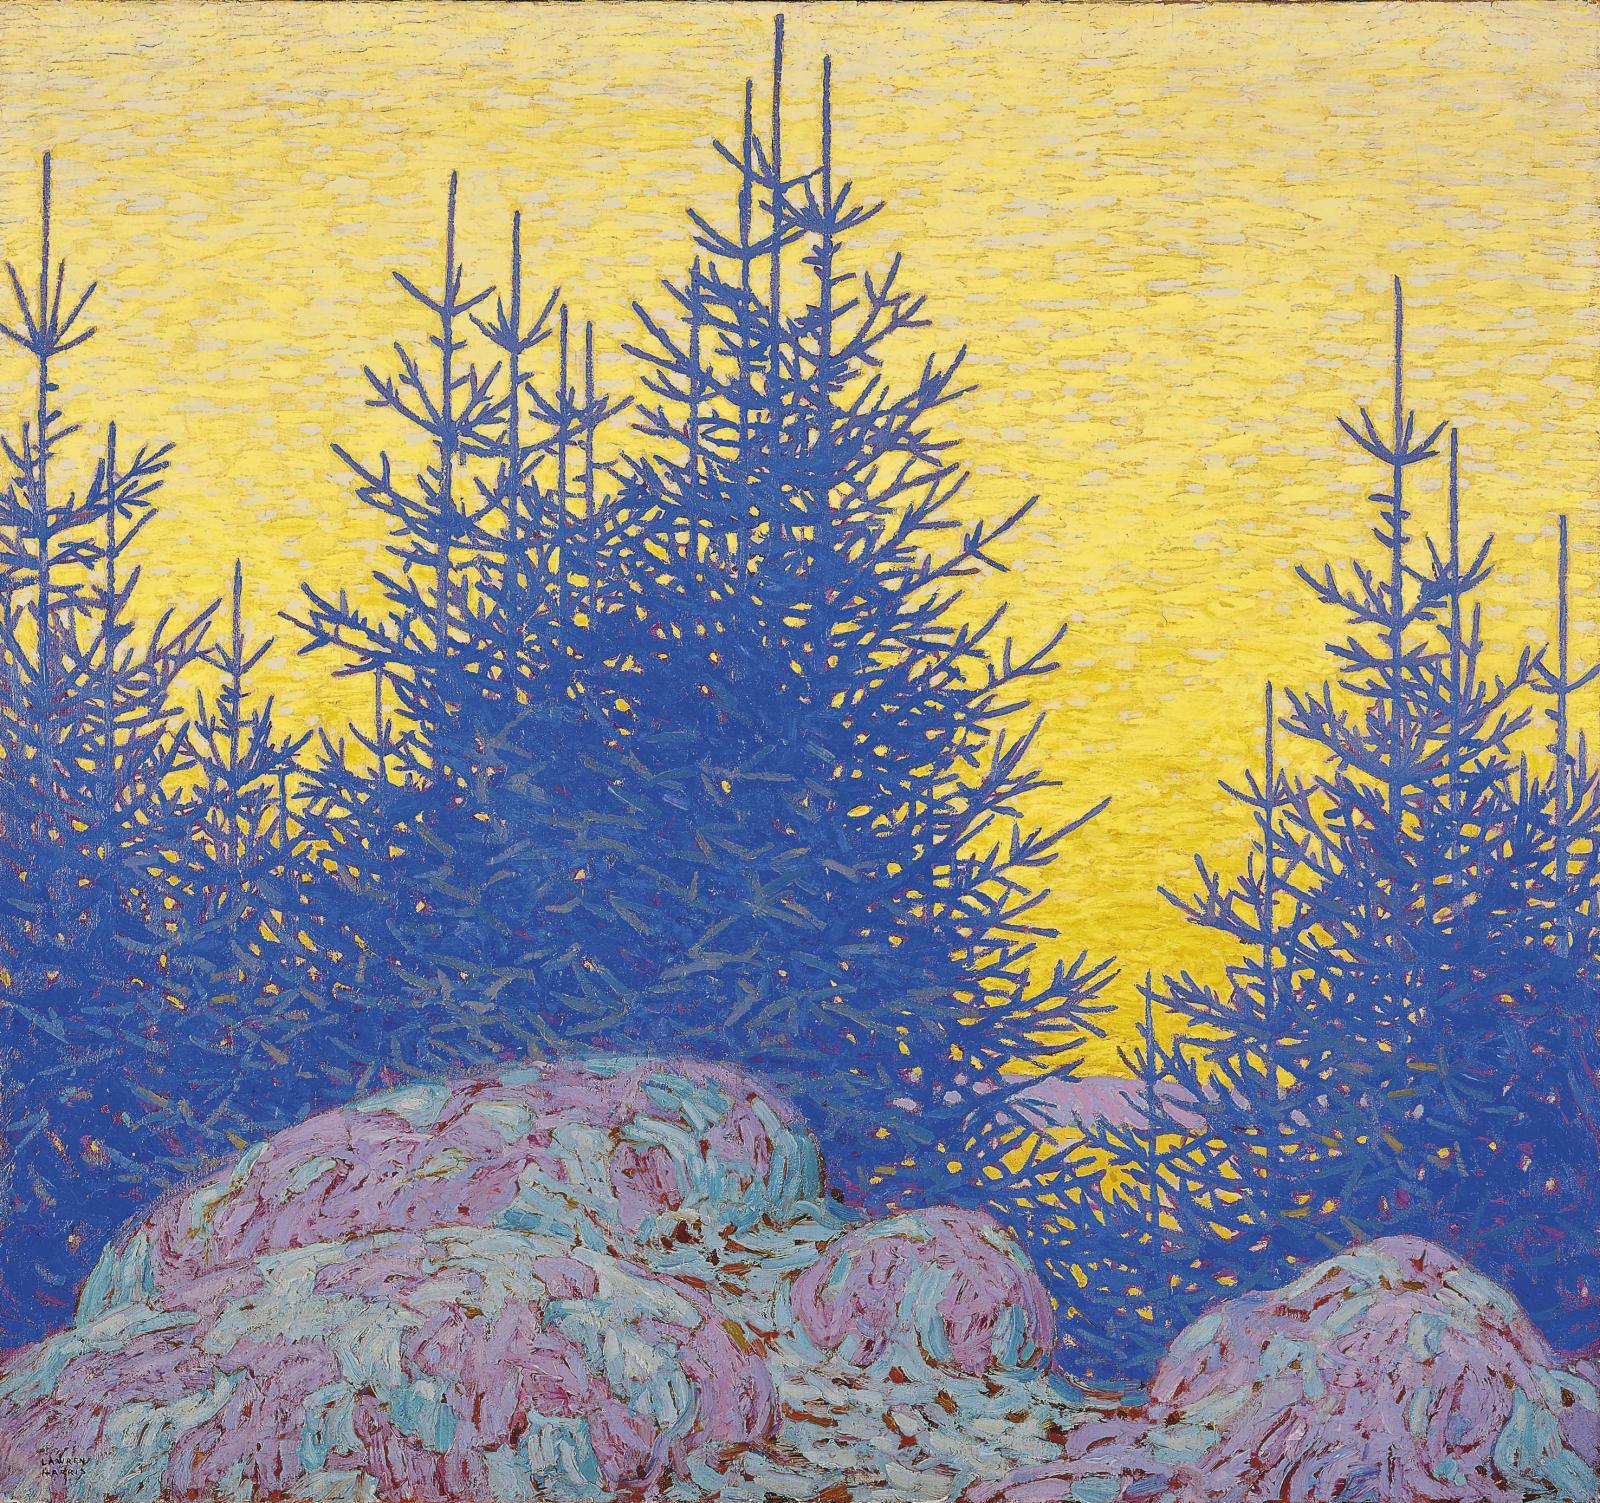 Lawren S.Harris, Paysage décoratif (Decorative Landscape), 1917, huile sur toile, 122,5x131,7cm, Ottawa, musée des Beaux-Arts du Canada.